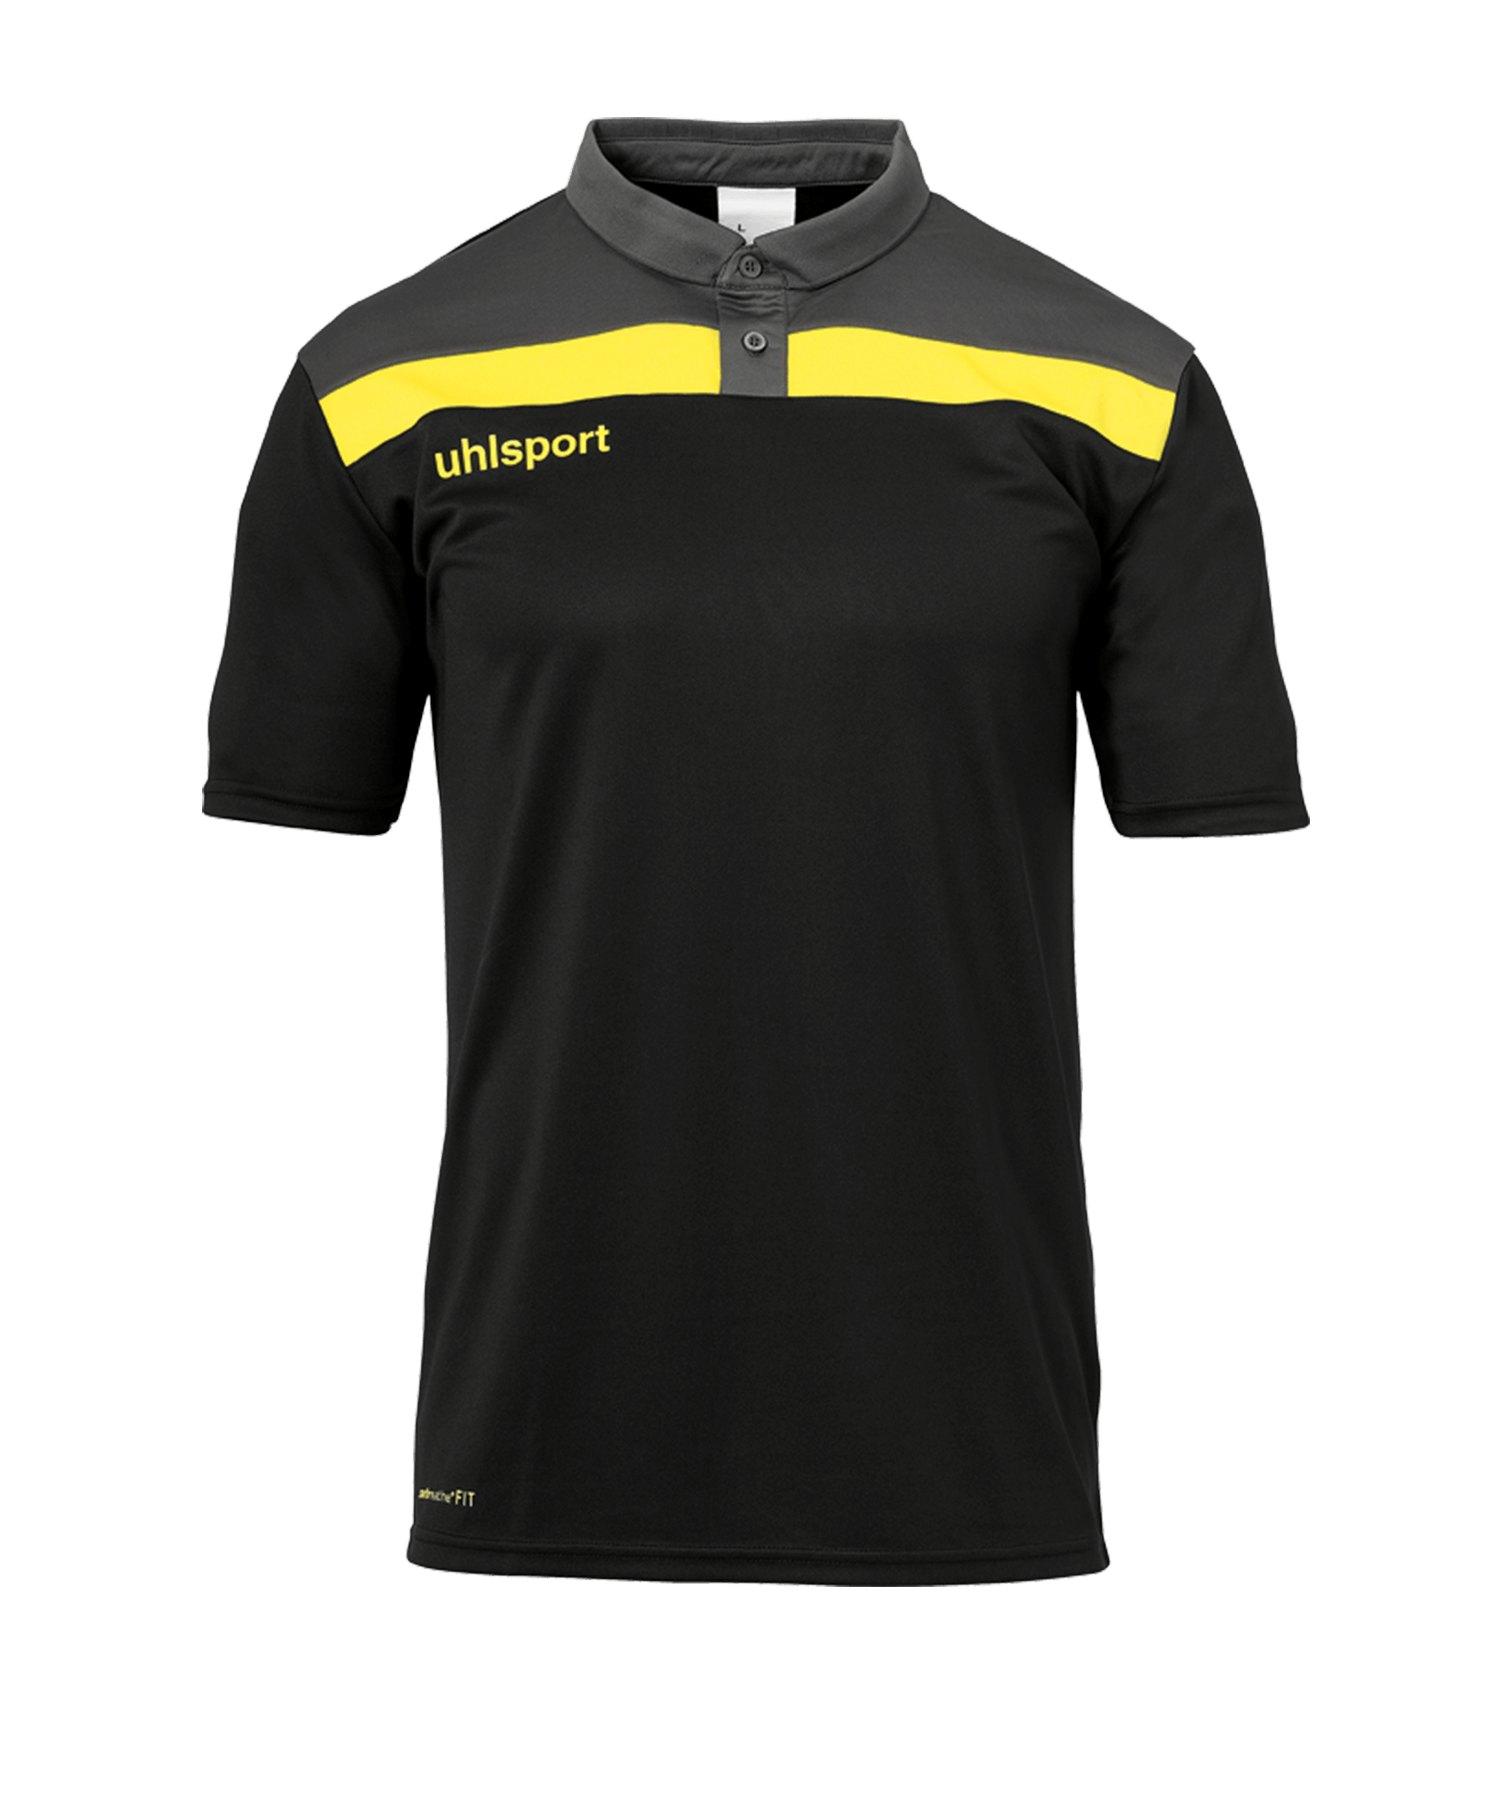 Uhlsport Offense 23 Poloshirt Kids Schwarz F23 - schwarz